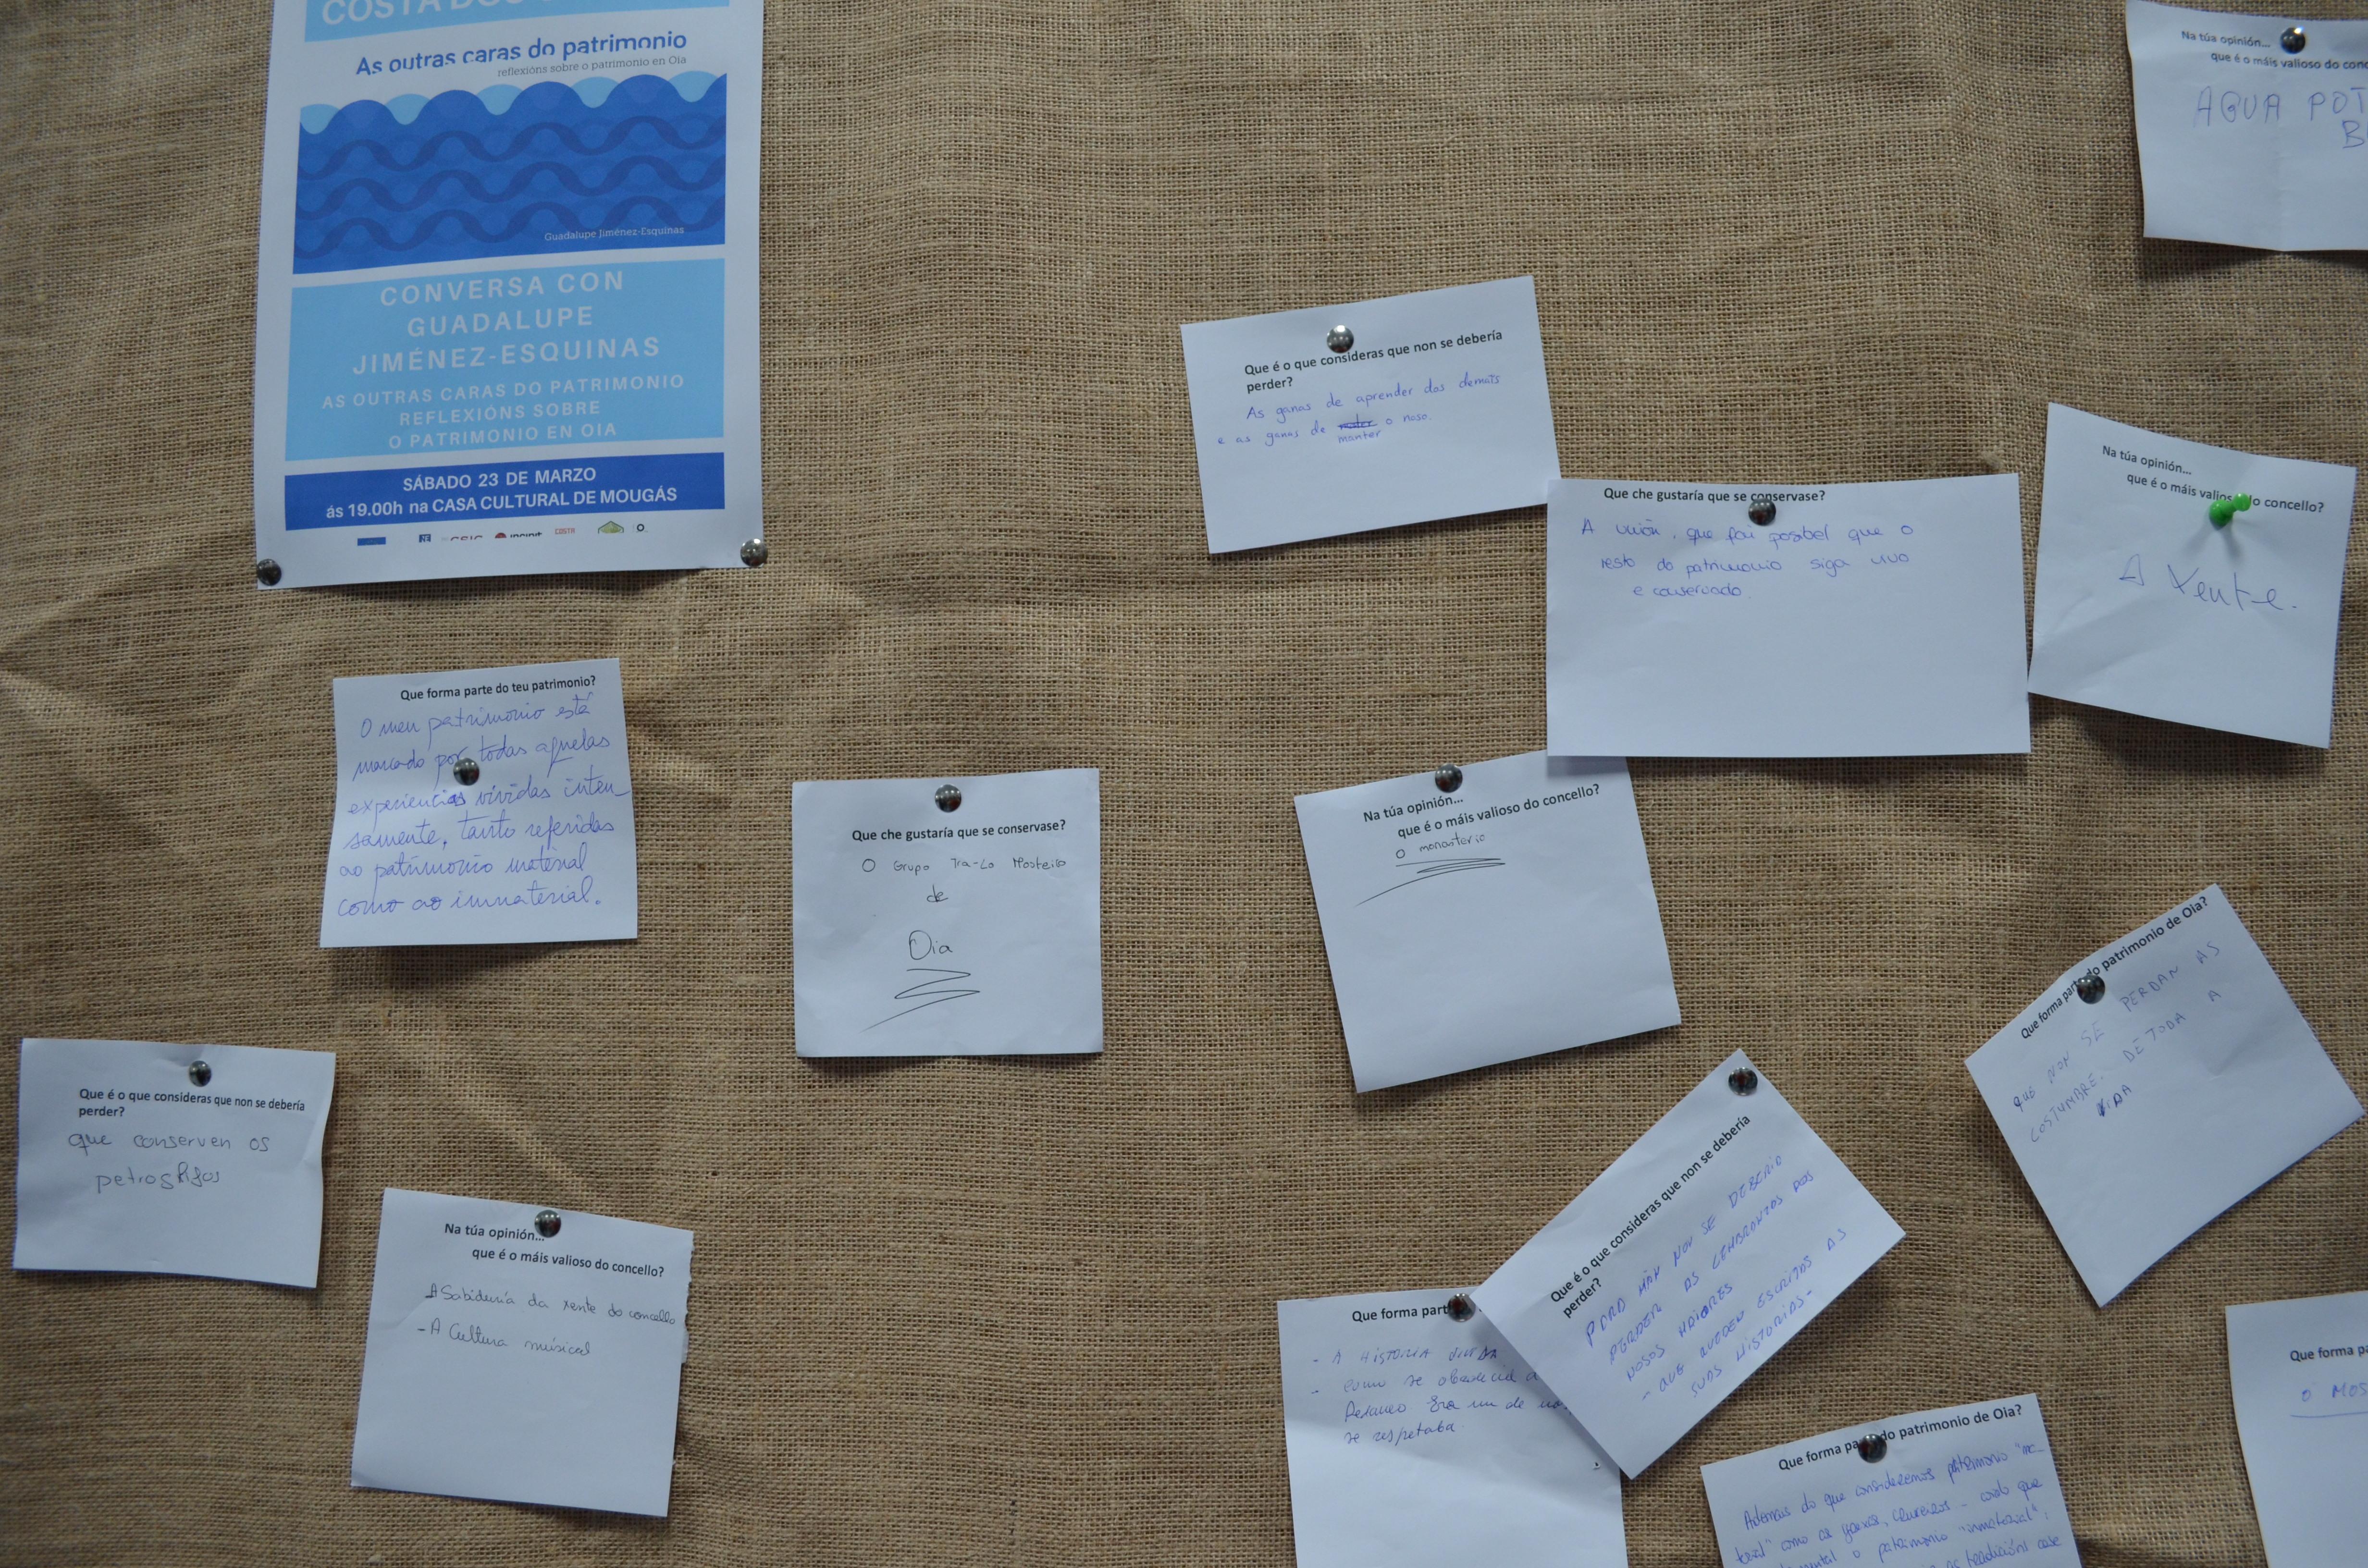 Algunhas das achegas das persoas asistentes sobre o seu concepto de patrimonio.